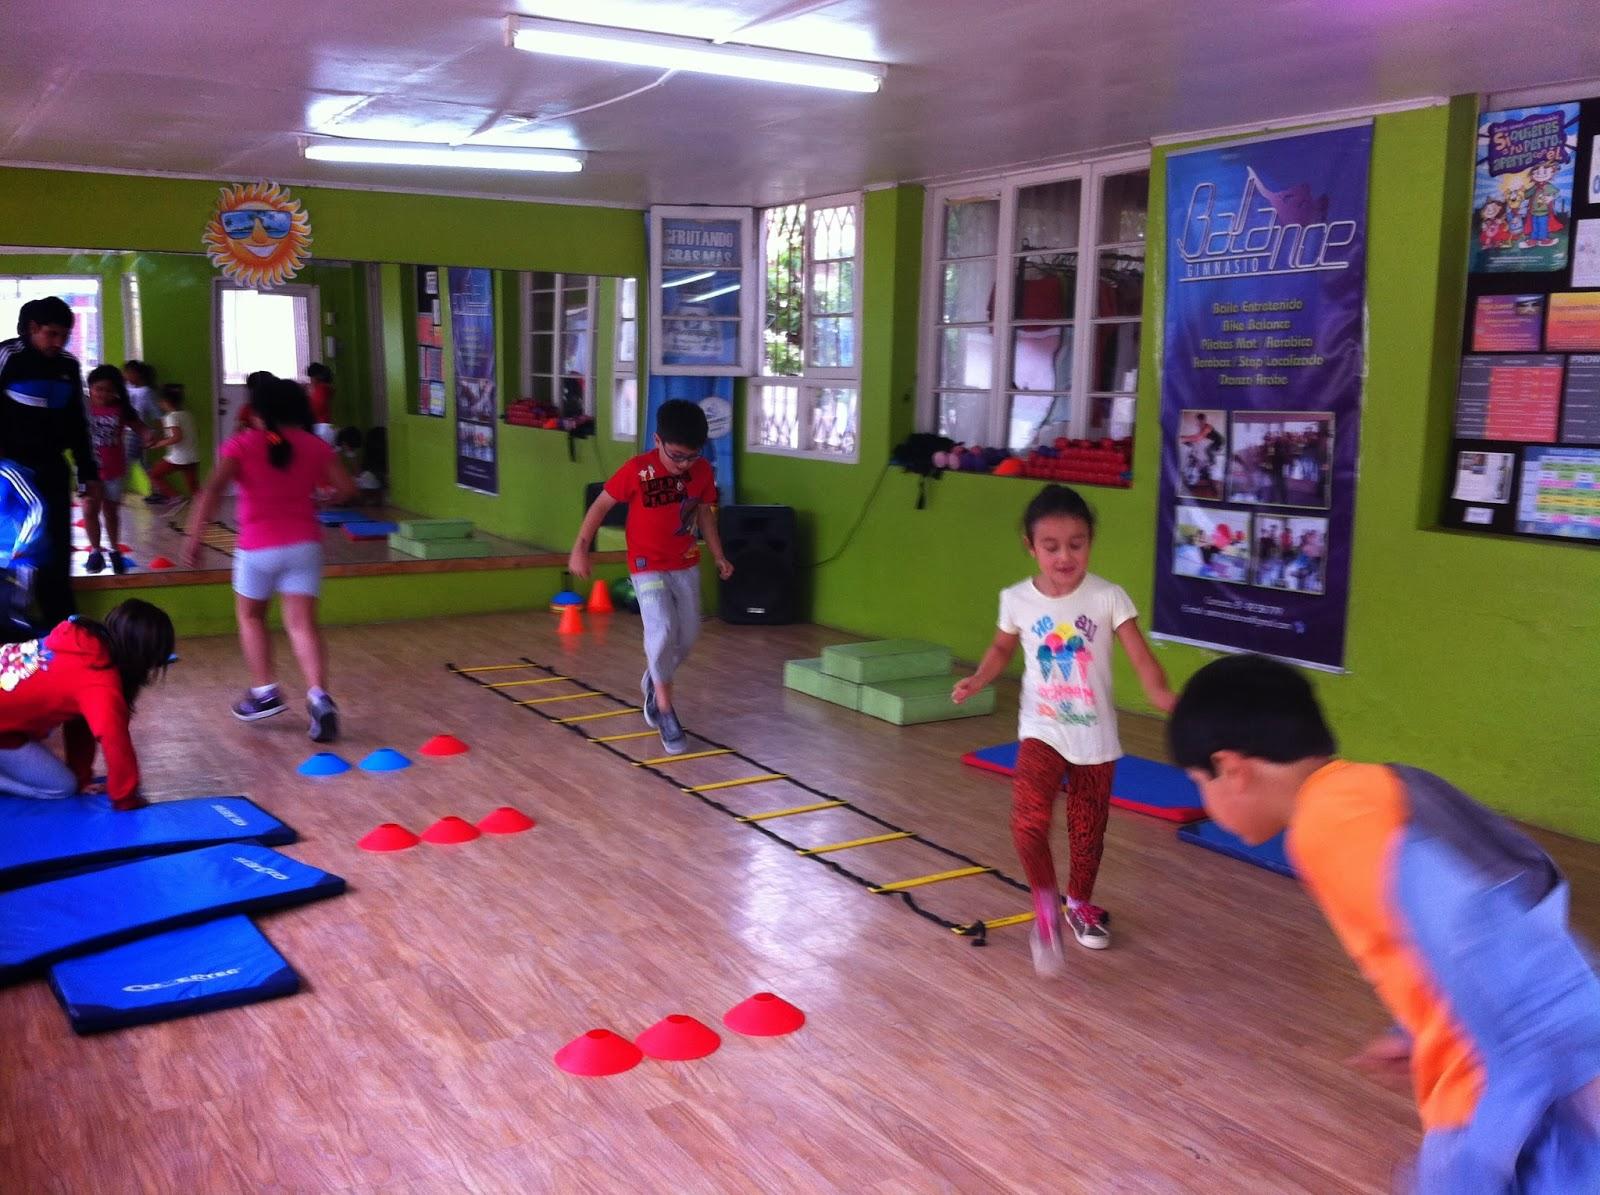 Circuito Juegos Para Niños : Gimnasio balance la serena gimnasia entretenida para niños y